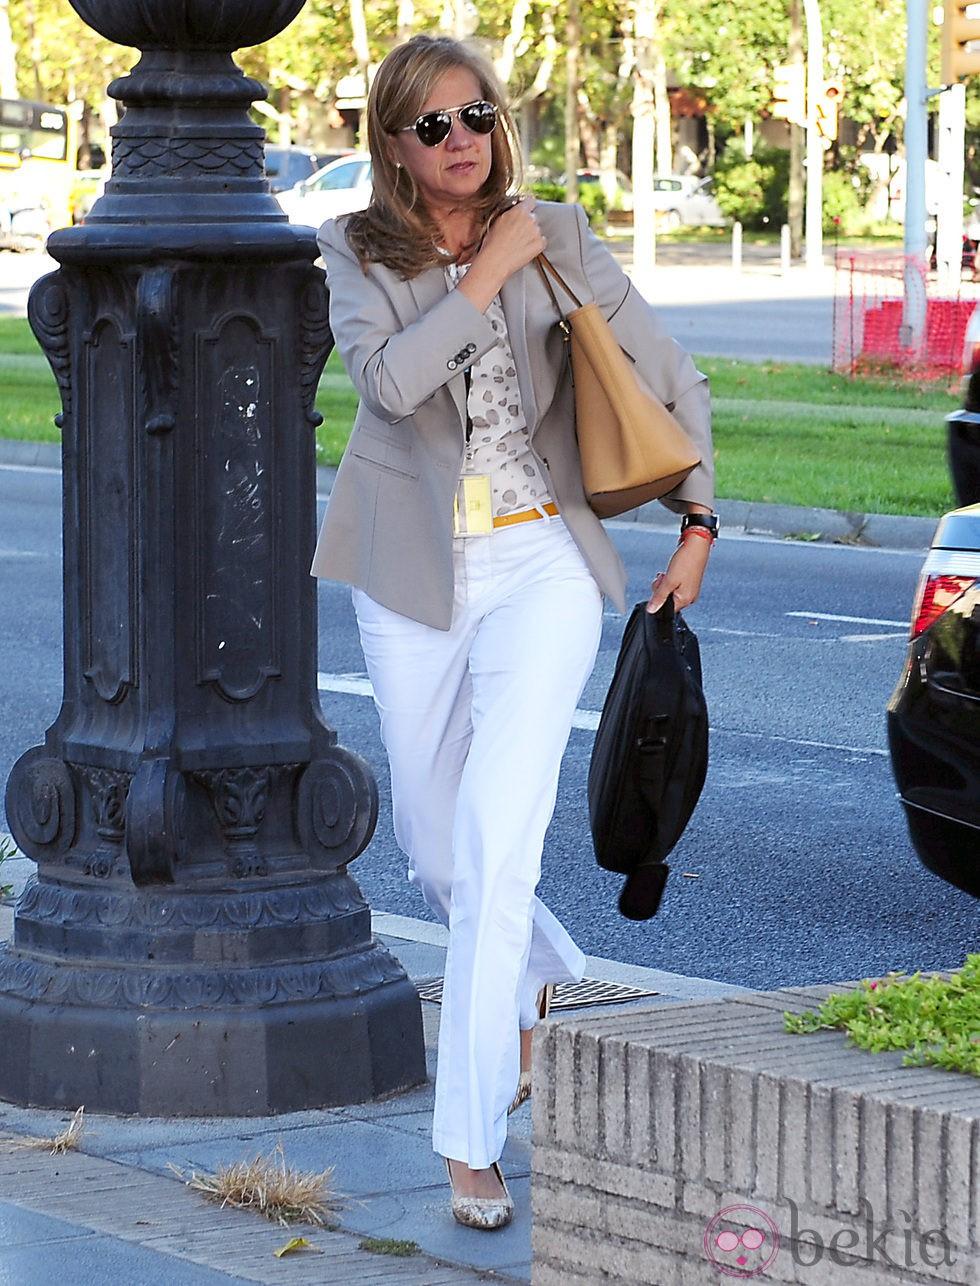 La Infanta Cristina va a trabajar a La Caixa en Barcelona